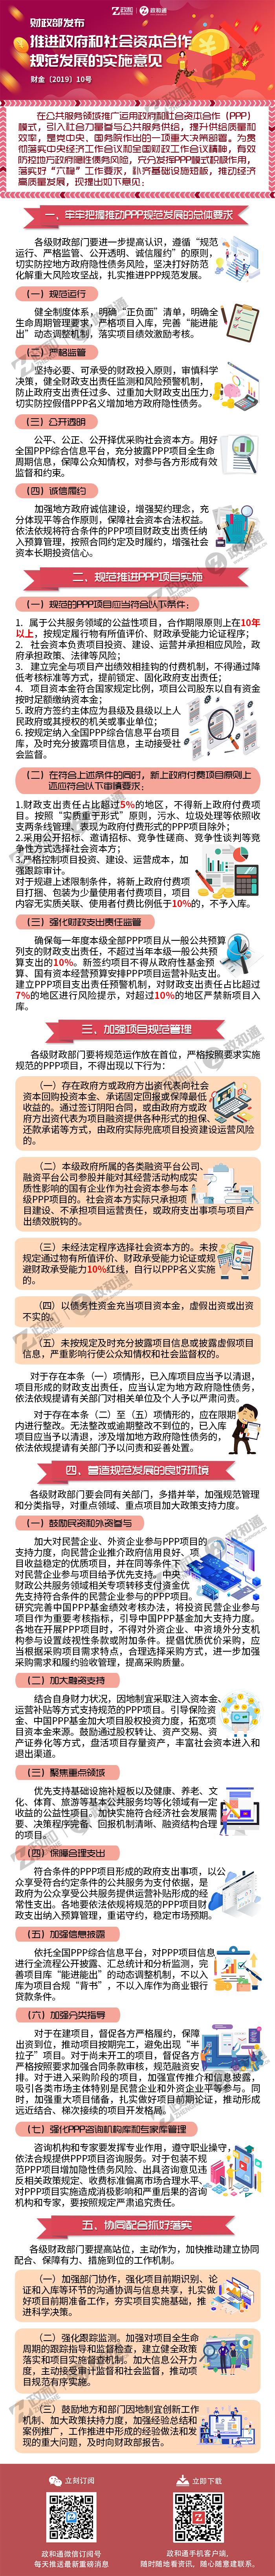 财政部发布推进政府和社会资本合作规范发展的实施意见.jpg